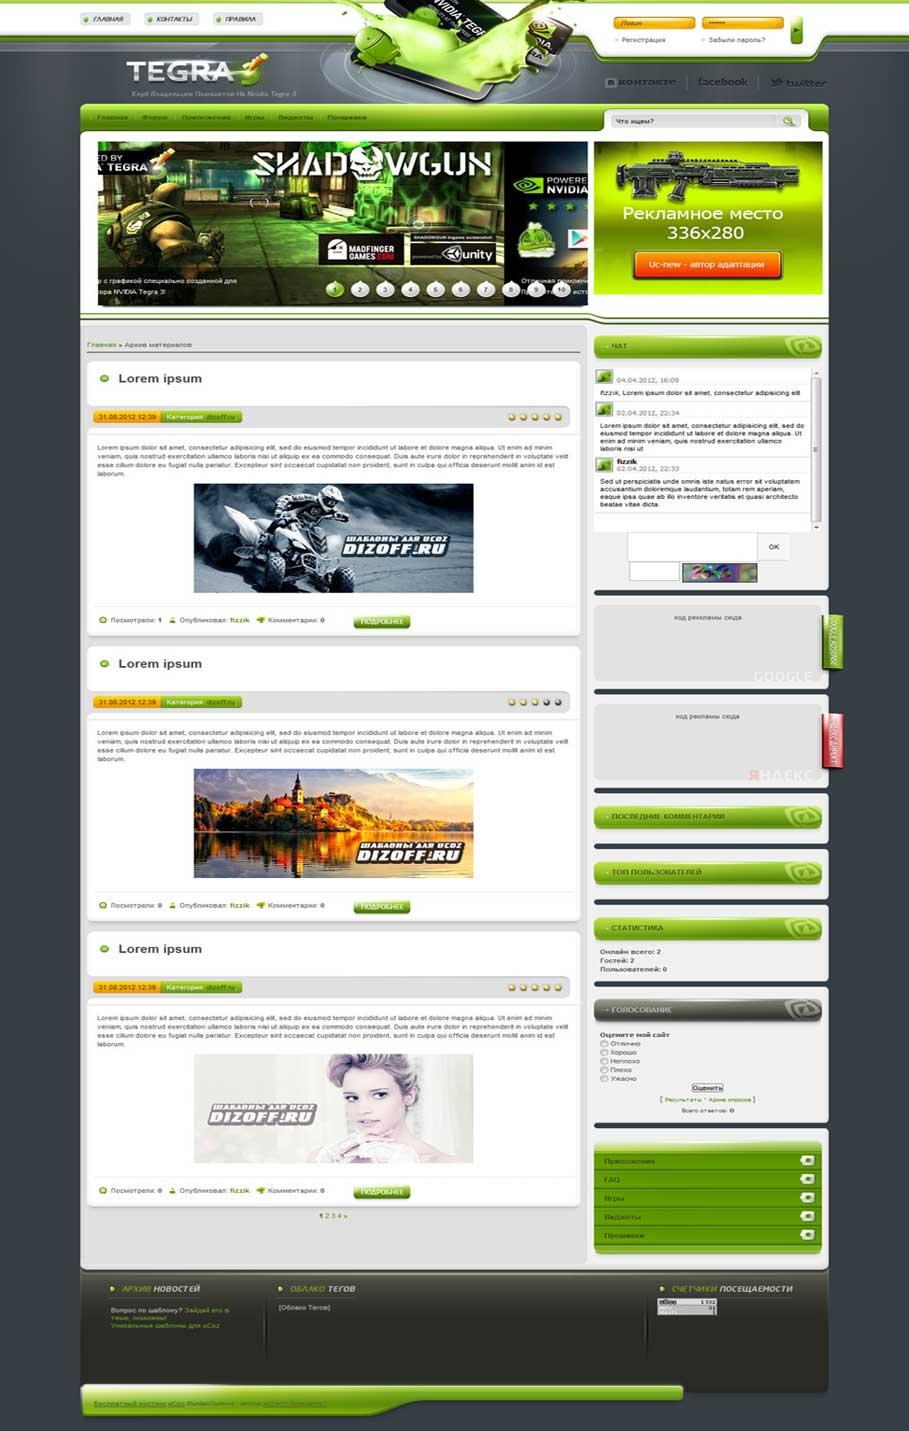 Шаблон Nvidia для сайта ucoz